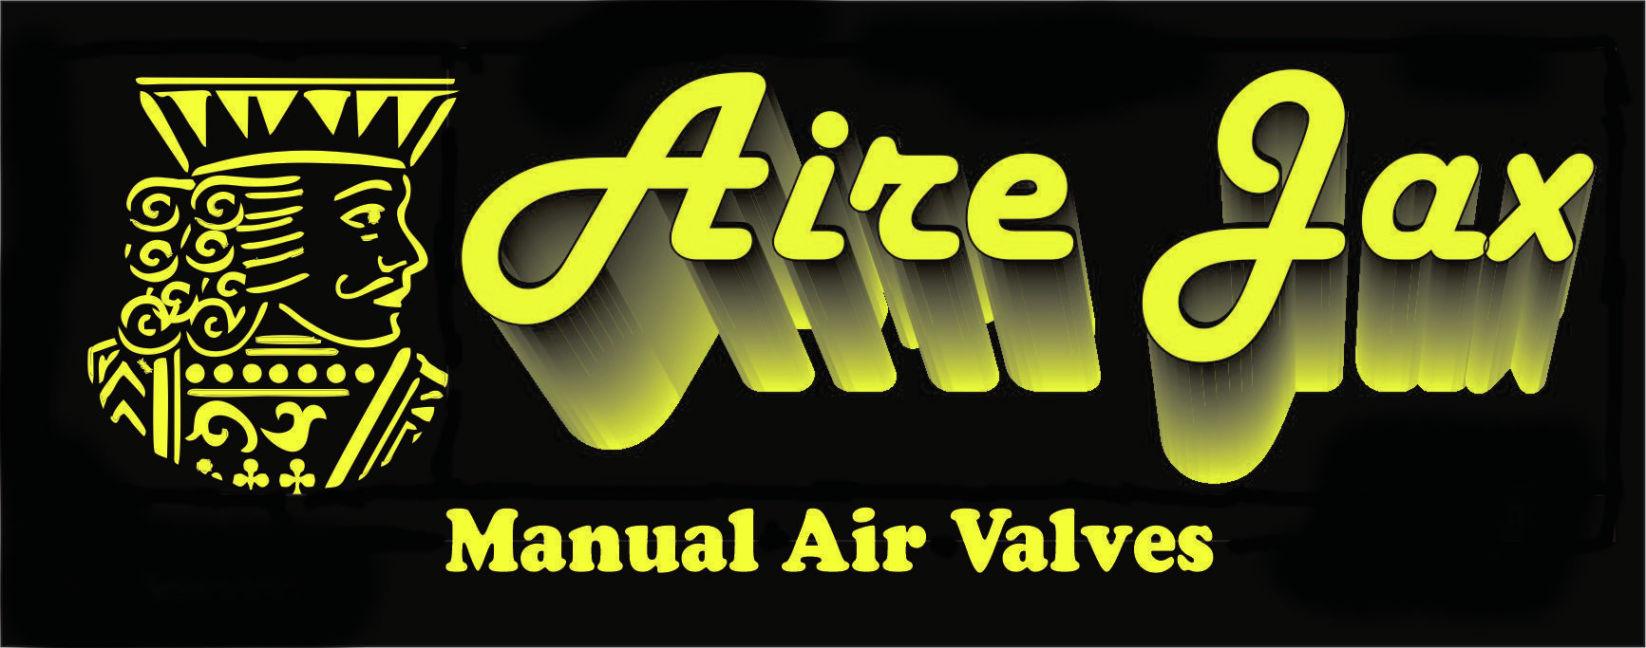 Mainual Air Valves